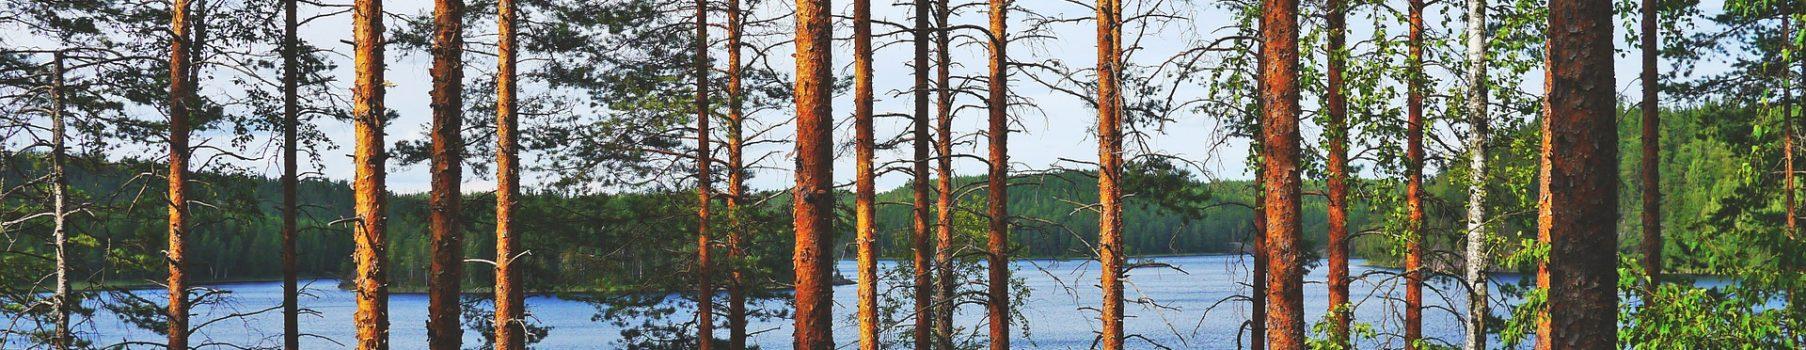 Mäntymetsä järven rannalla.